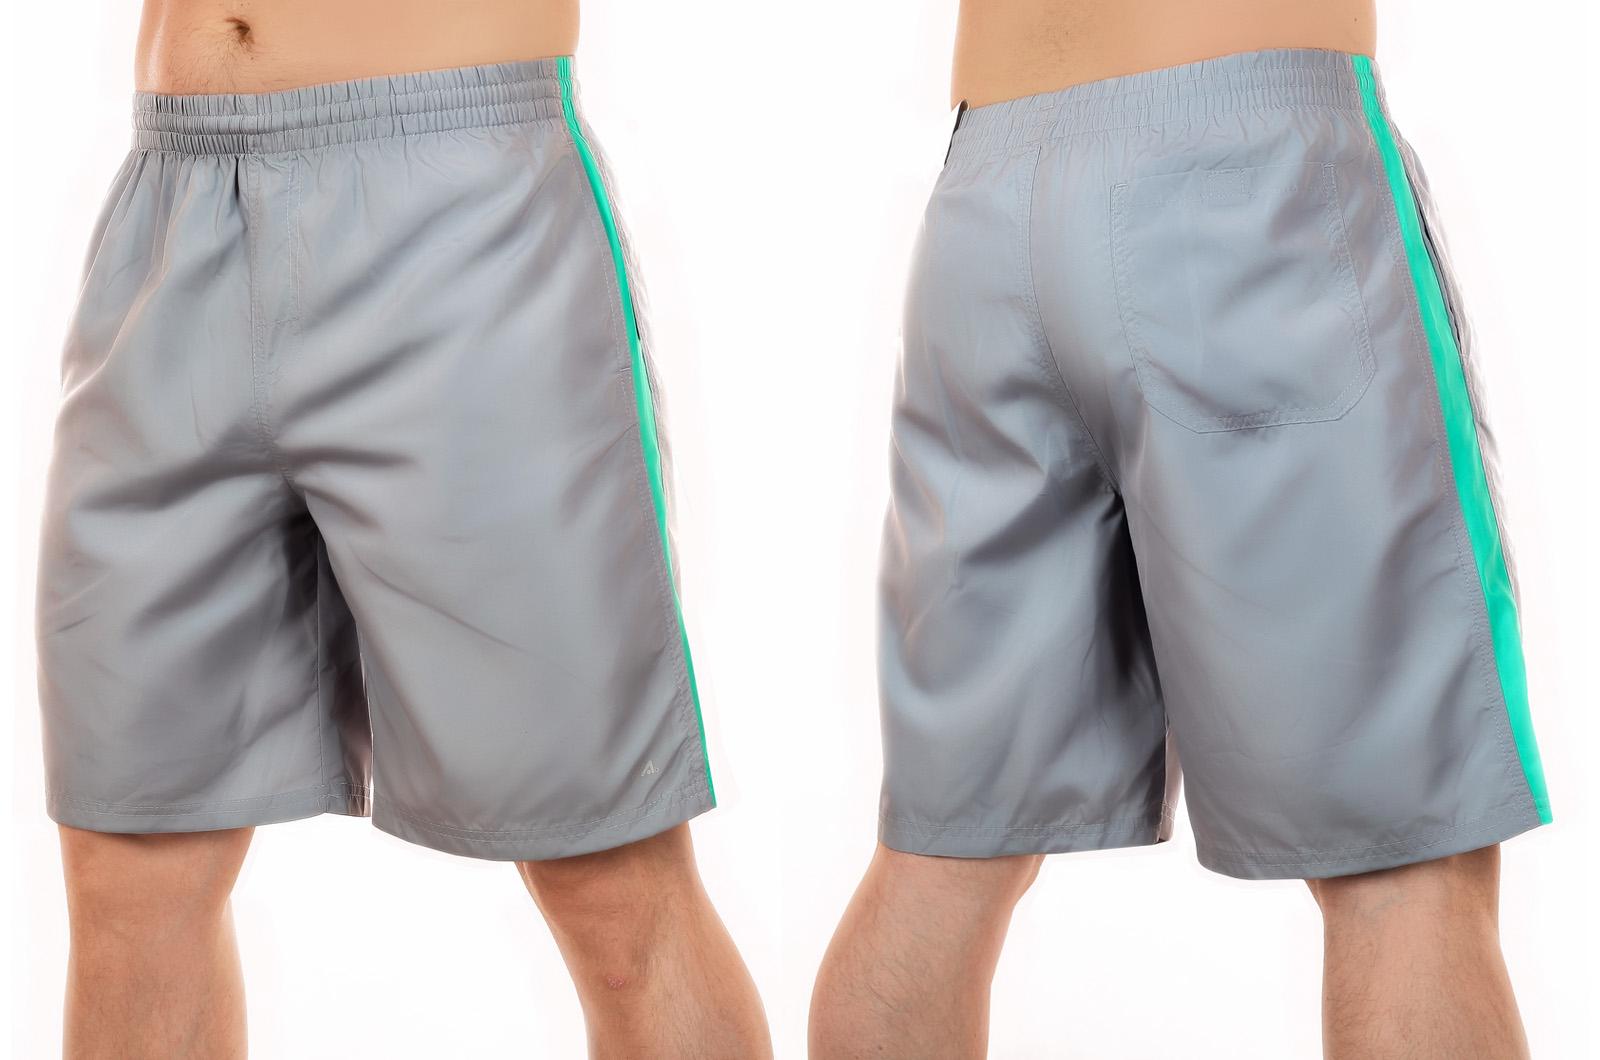 Заказать попсовые шорты от MACE для мужчин уверенных в себе (Канада)